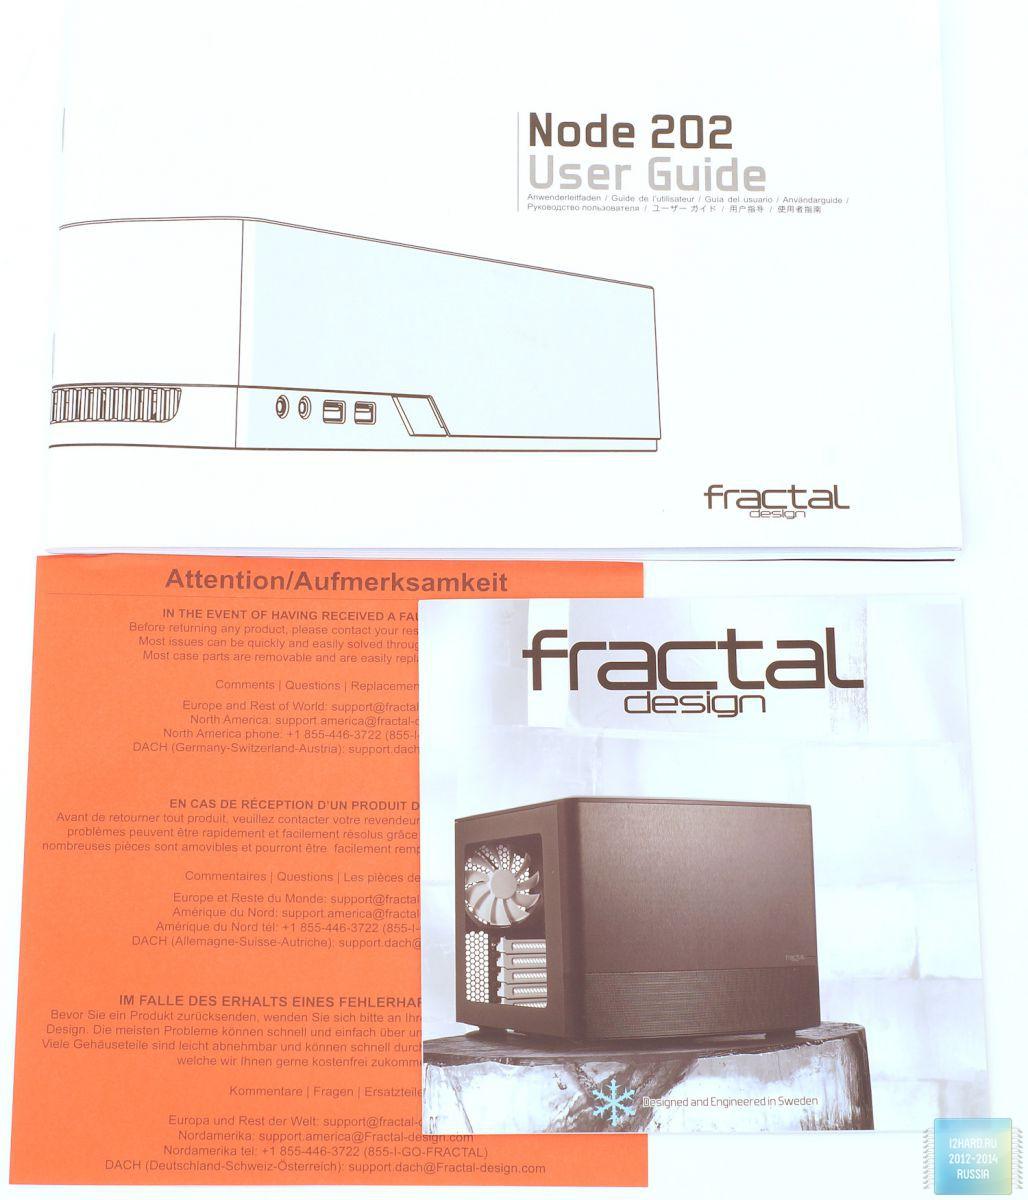 Упаковка и комплектация корпуса Fractal Design NODE 202